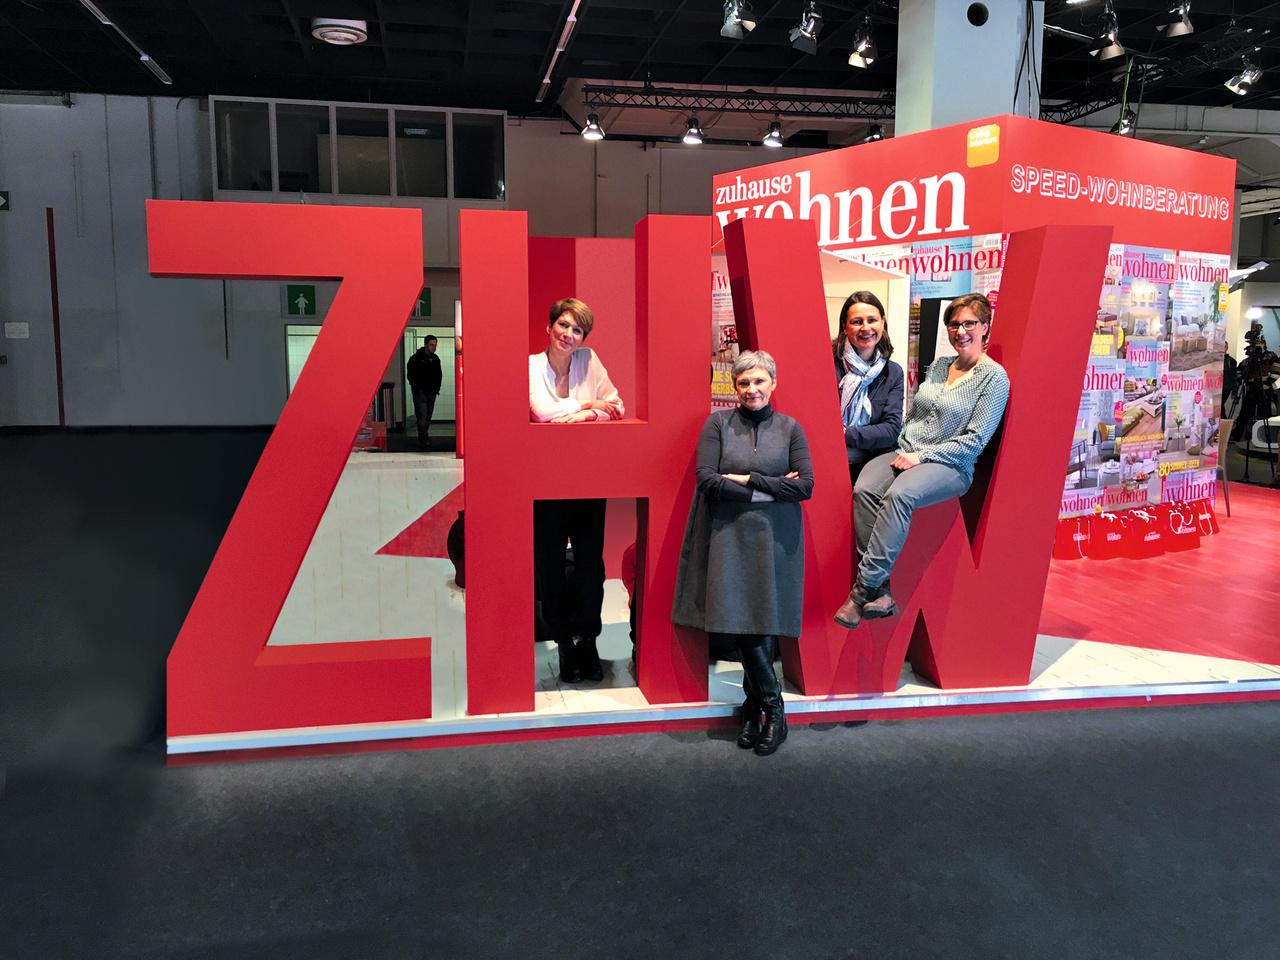 Chefredakteurin Bettina Wündrich und das Wohnberatungs-team erwarten Sie zur Talkrunde mit Experten.